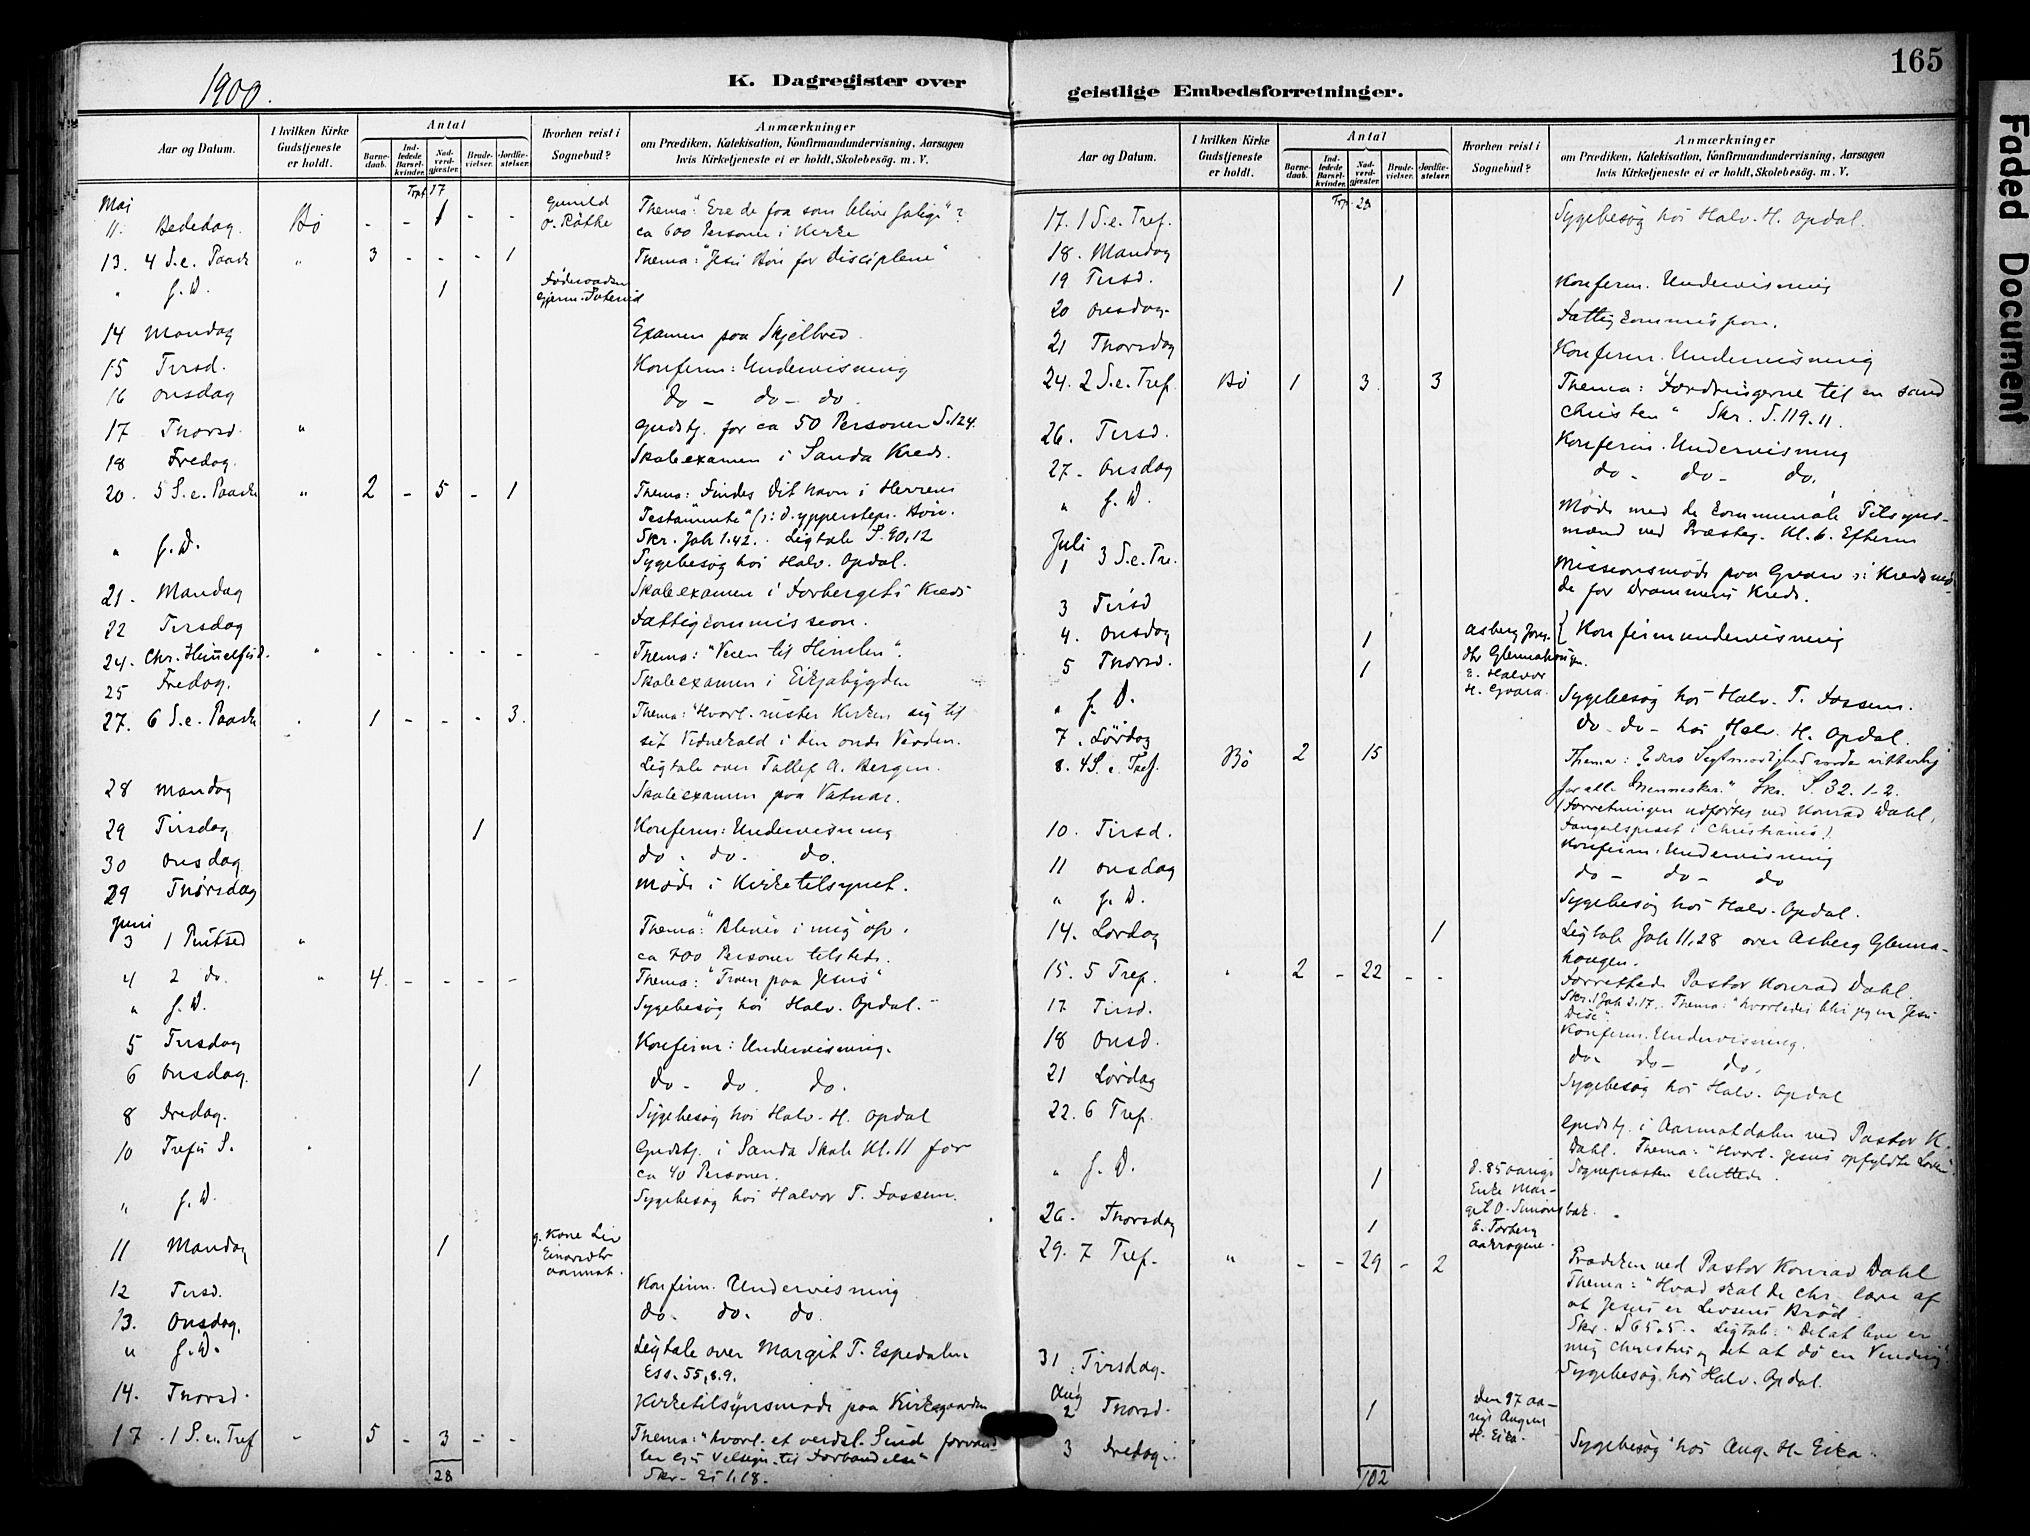 SAKO, Bø kirkebøker, F/Fa/L0012: Ministerialbok nr. 12, 1900-1908, s. 165